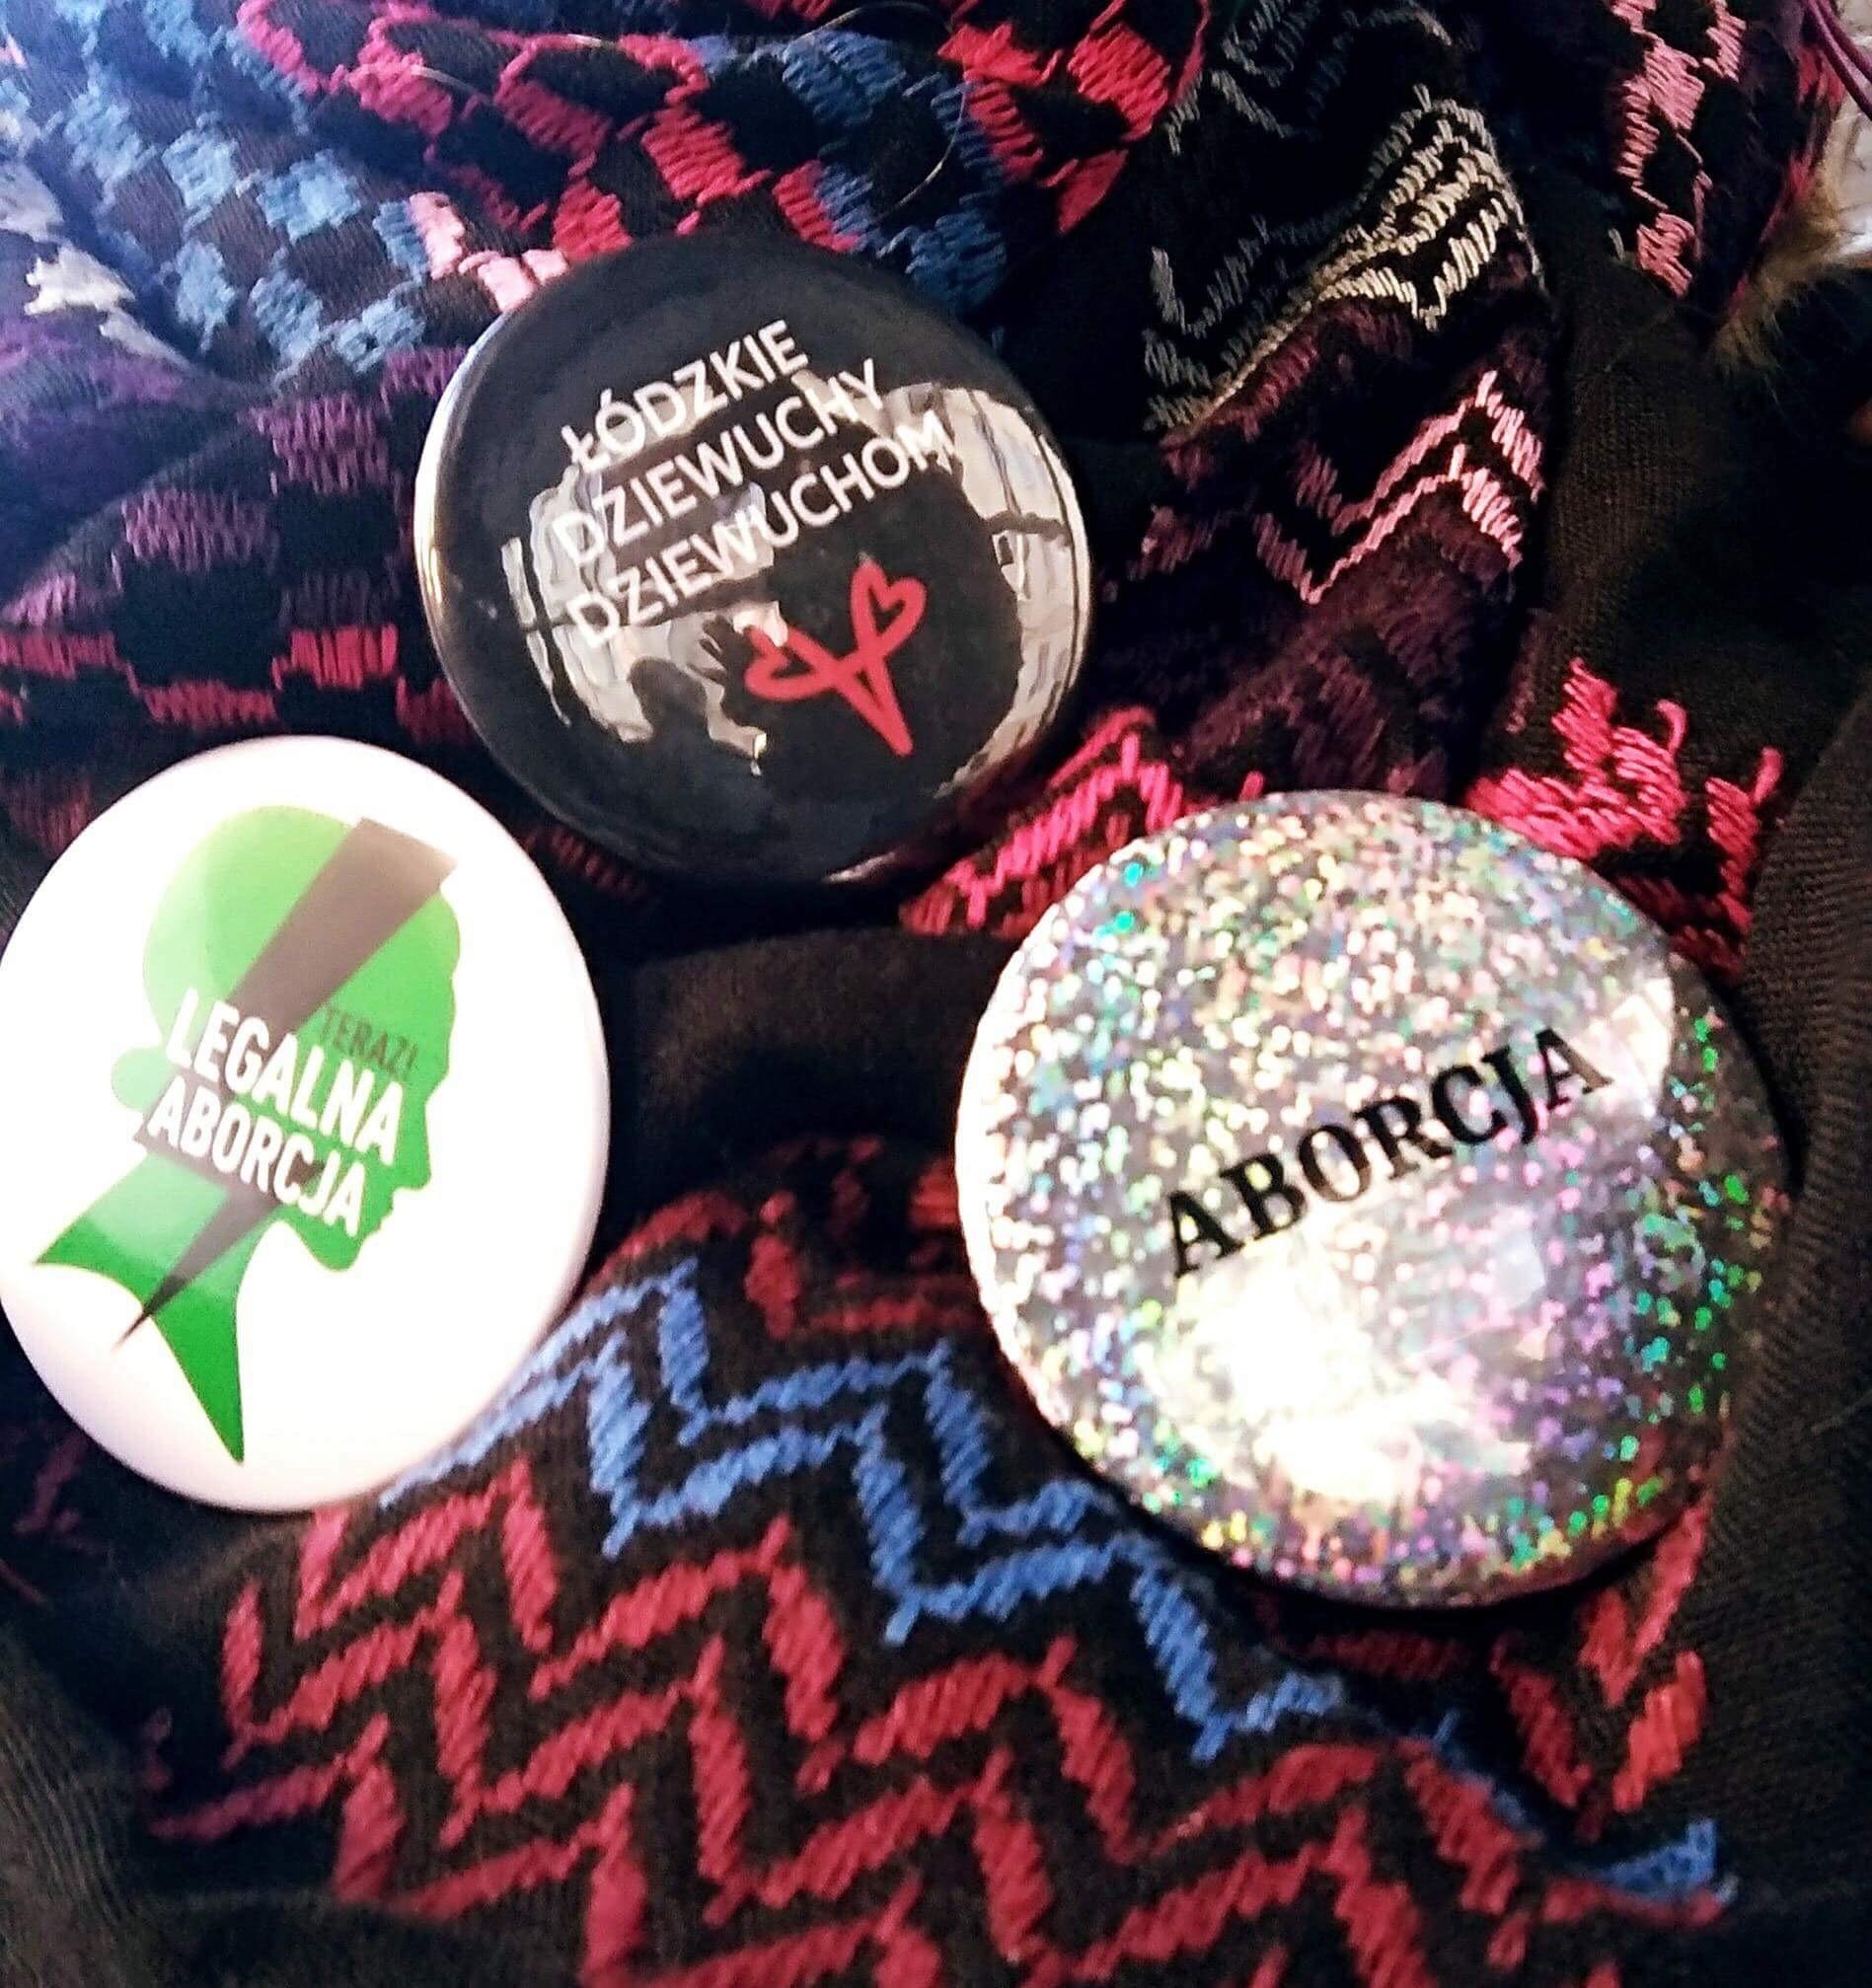 Przypinki z marszu na rzecz bezpiecznej aborcji, fot. Agata Kobylińska, https://www.facebook.com/lodzkiedziewuchy/